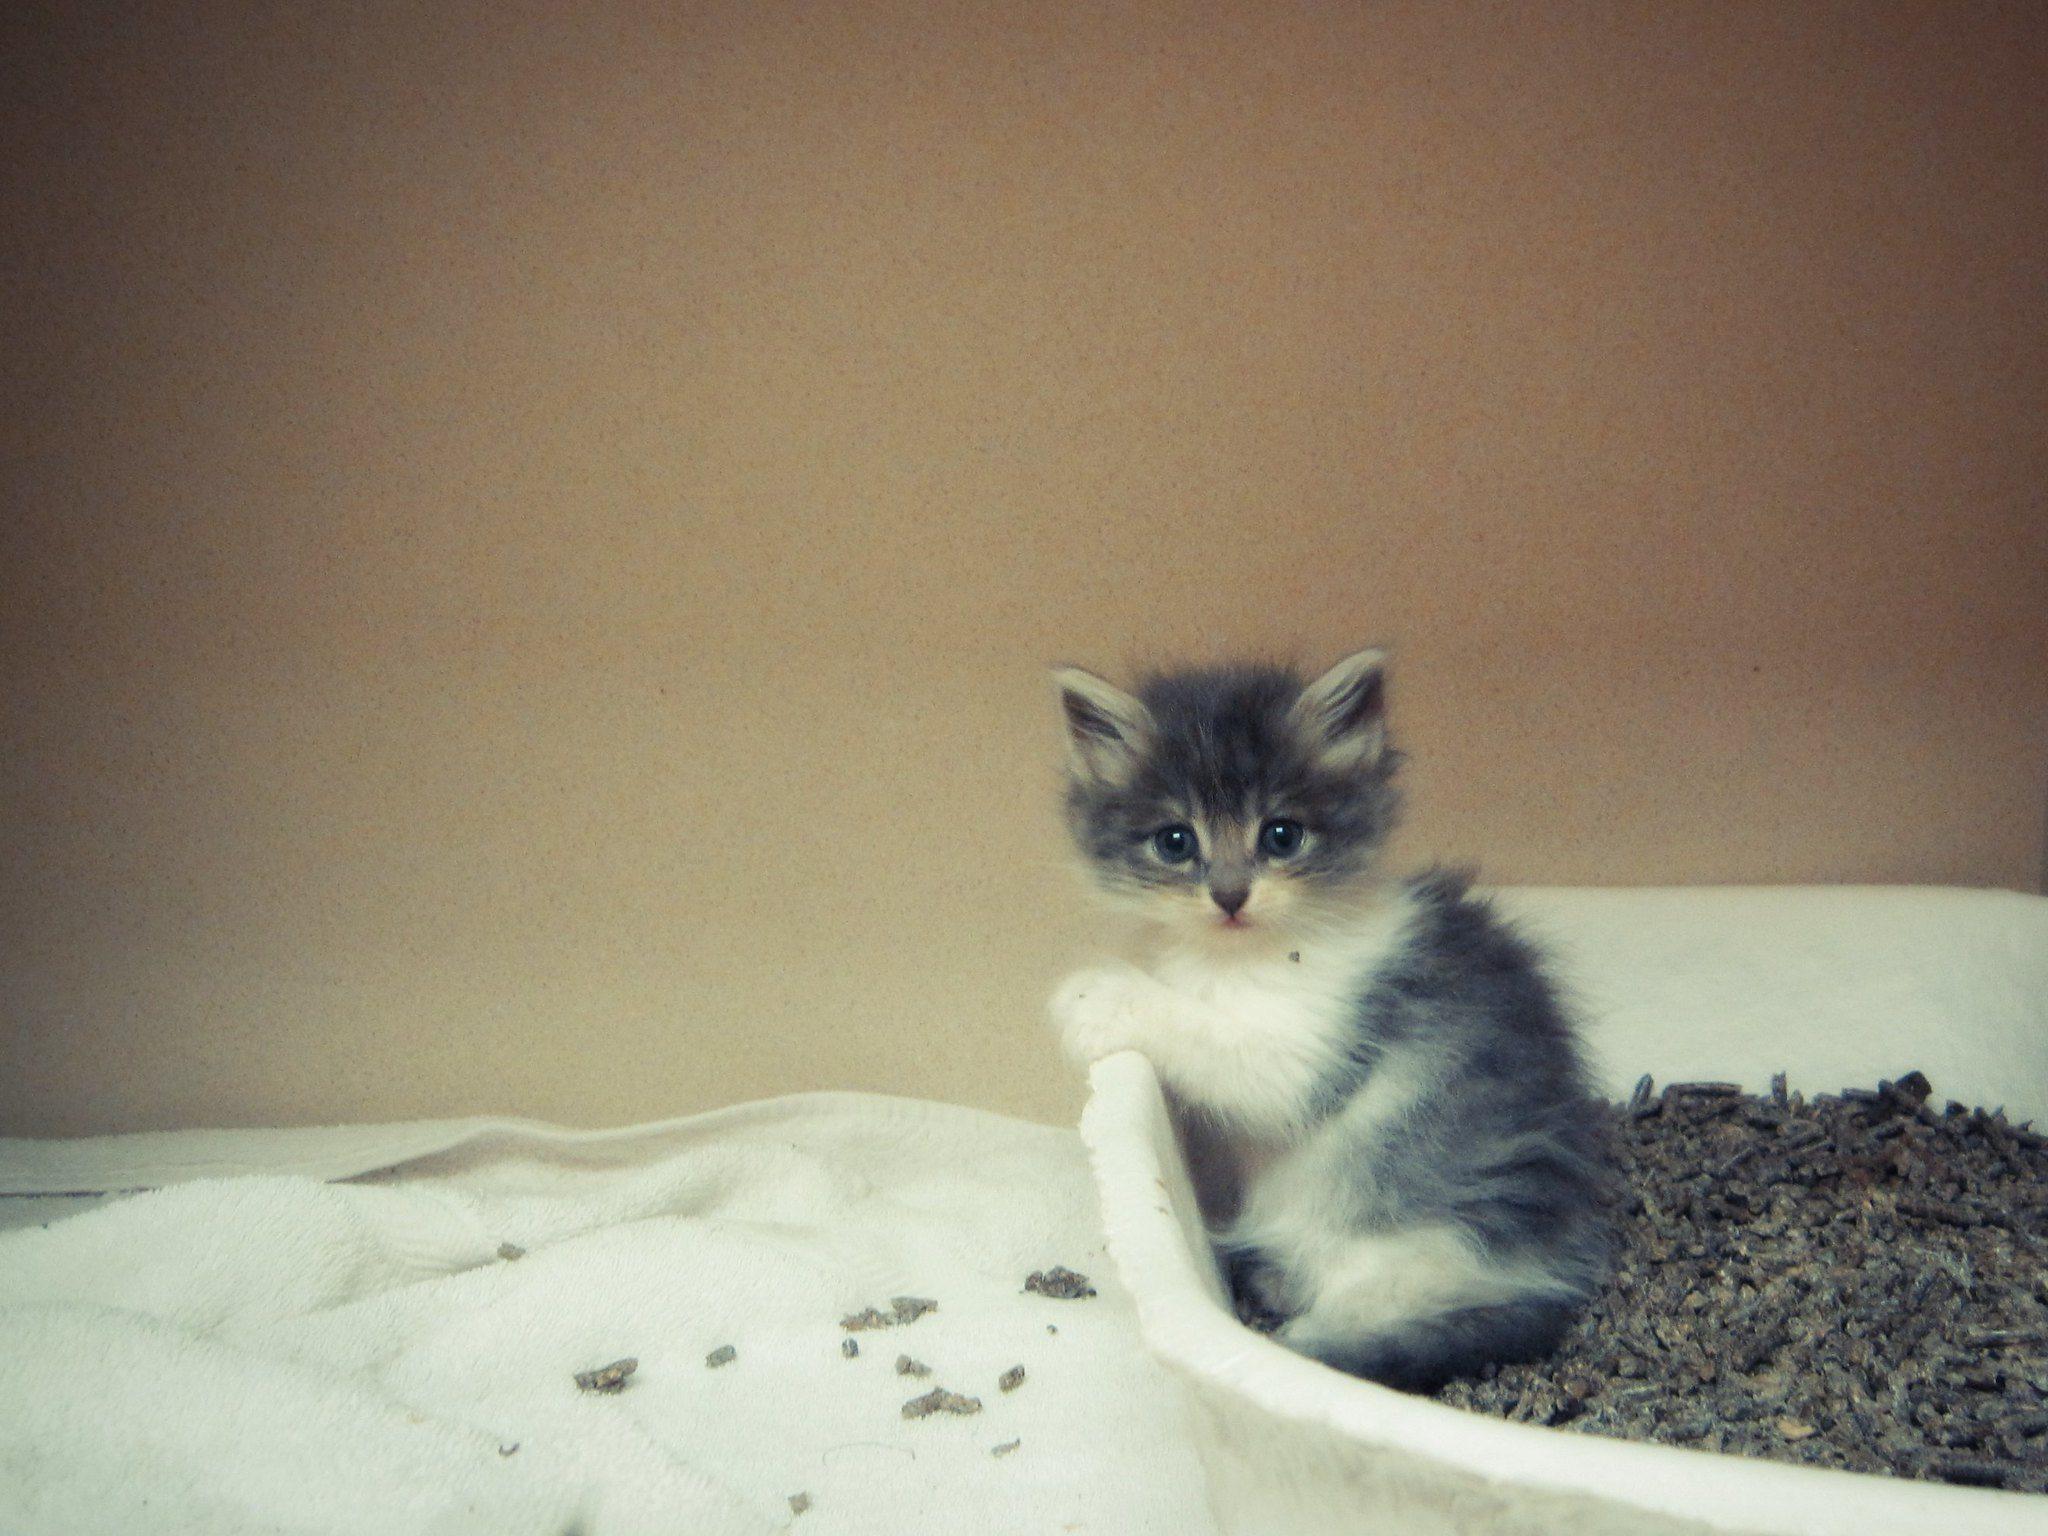 kitten in the litter box